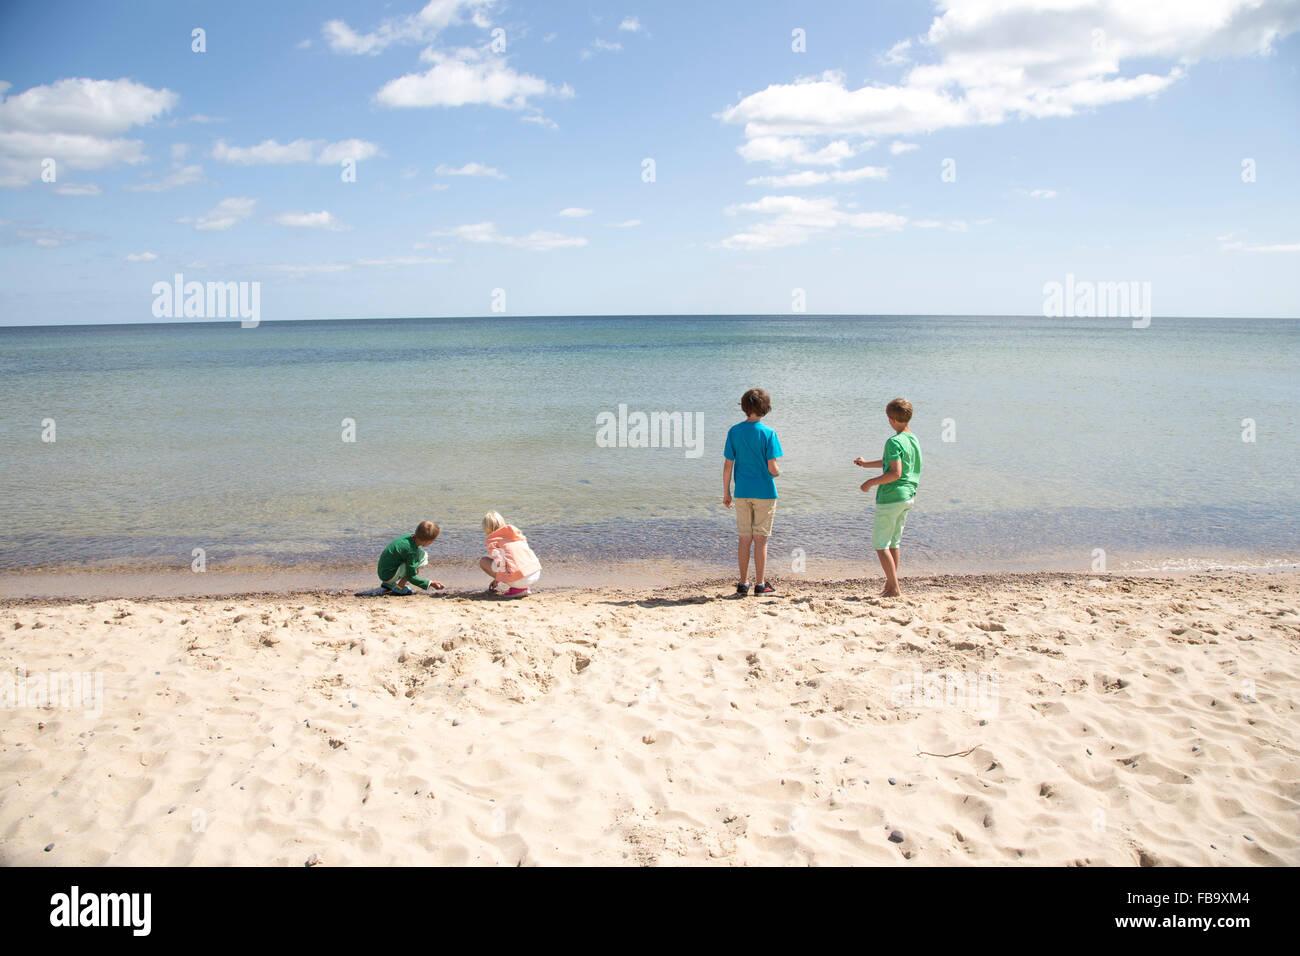 La Svezia, Skane, Osterlen, Stenshuvud, Bambini (8-9, 10-11, 12-13) giocando sulla spiaggia Foto Stock